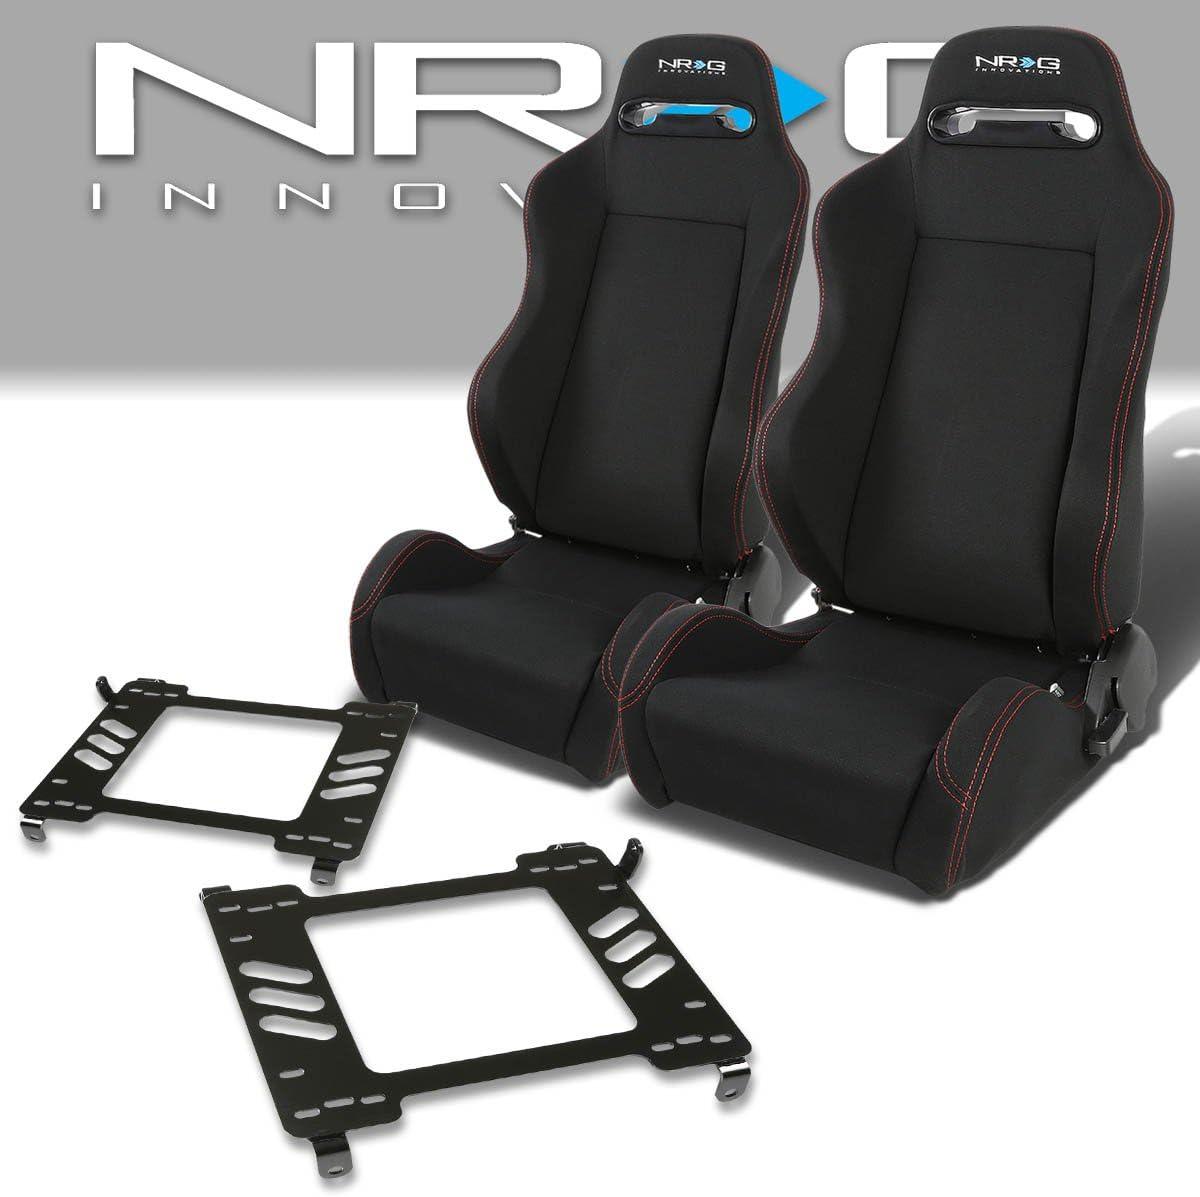 Pair of RSTRLGBK Racing Seats+Mounting Bracket for Ford Mustang 5th Gen